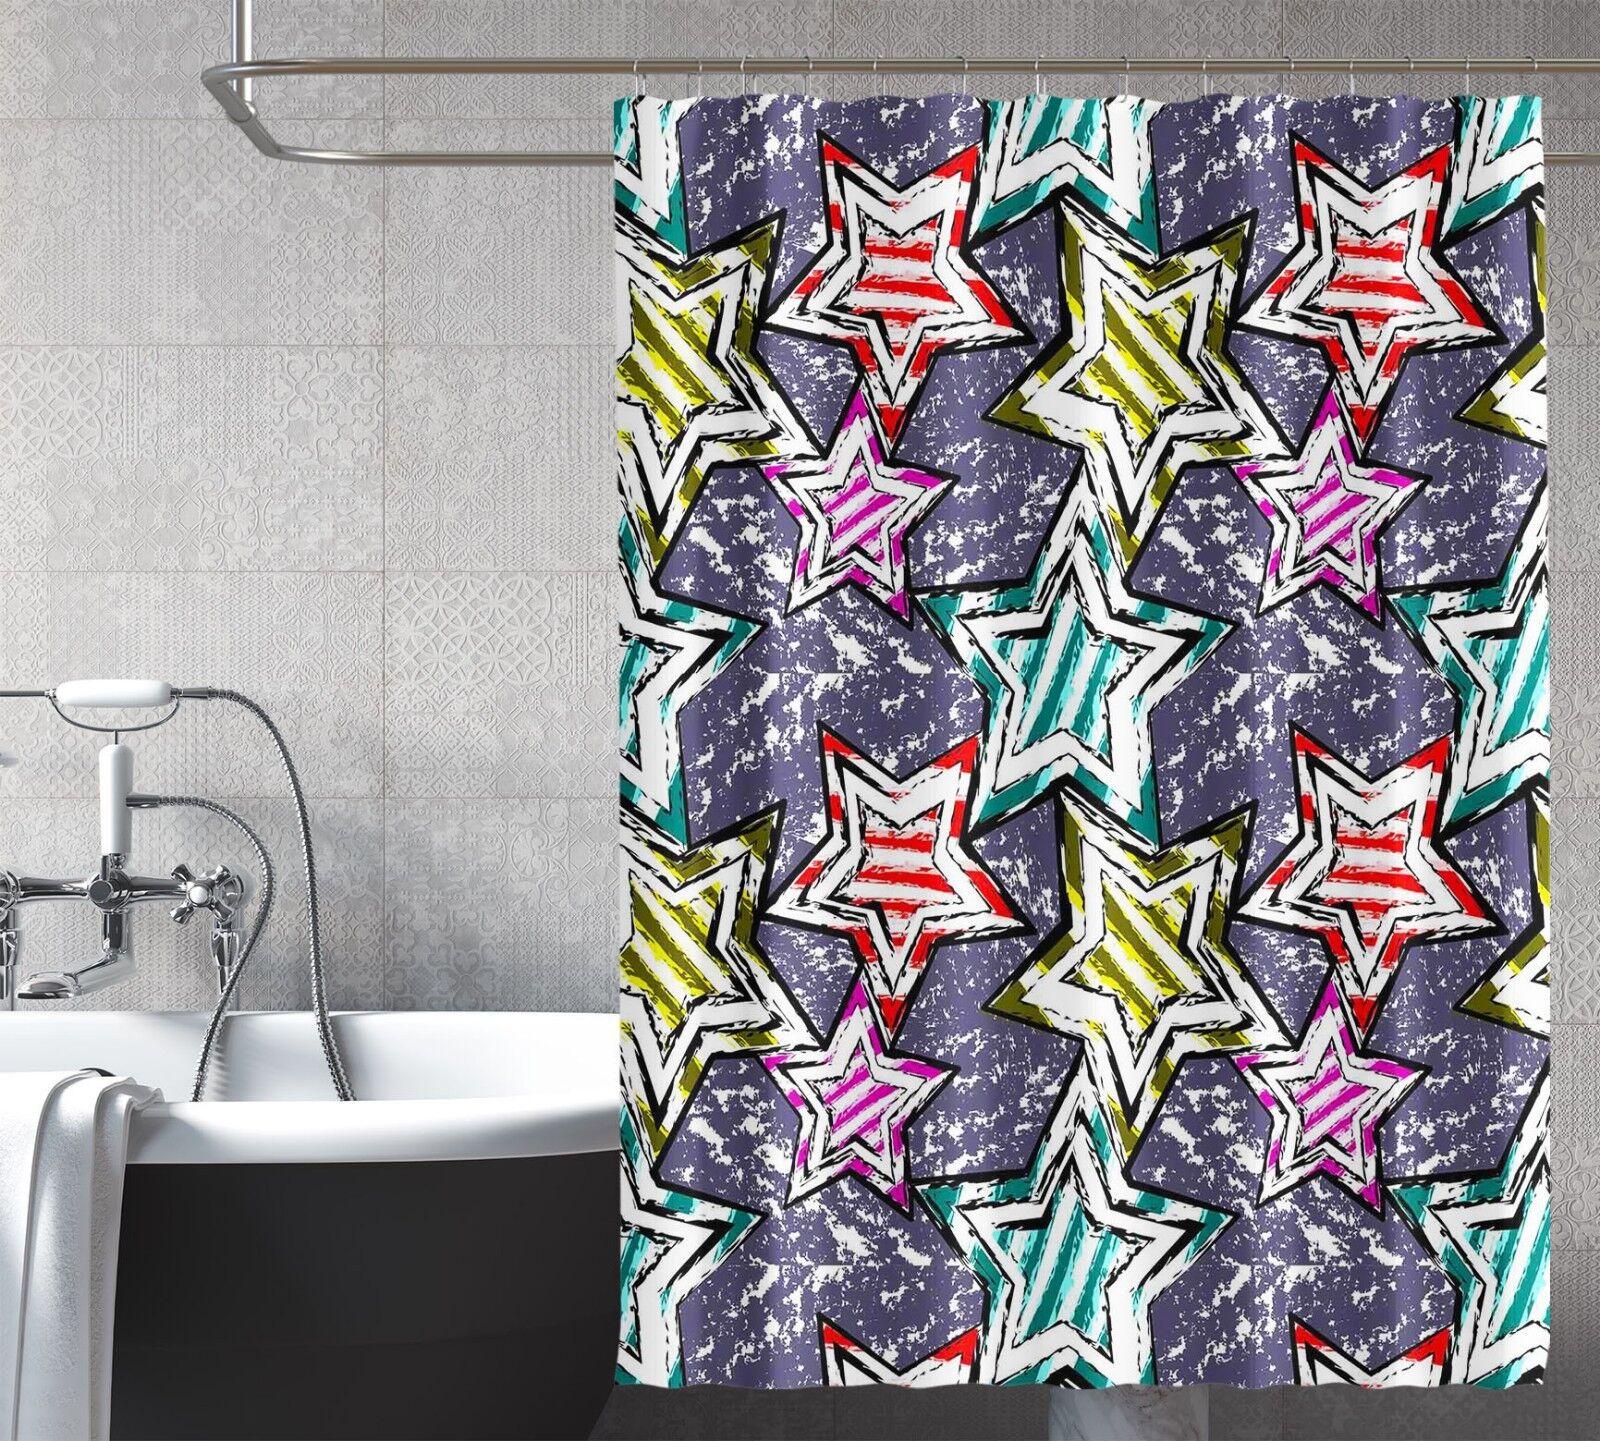 3D Farbige Sterne Sterne Sterne 78 Duschvorhang Wasserdicht Faser Bad Daheim Windows Toilette   New Style  c4f6aa